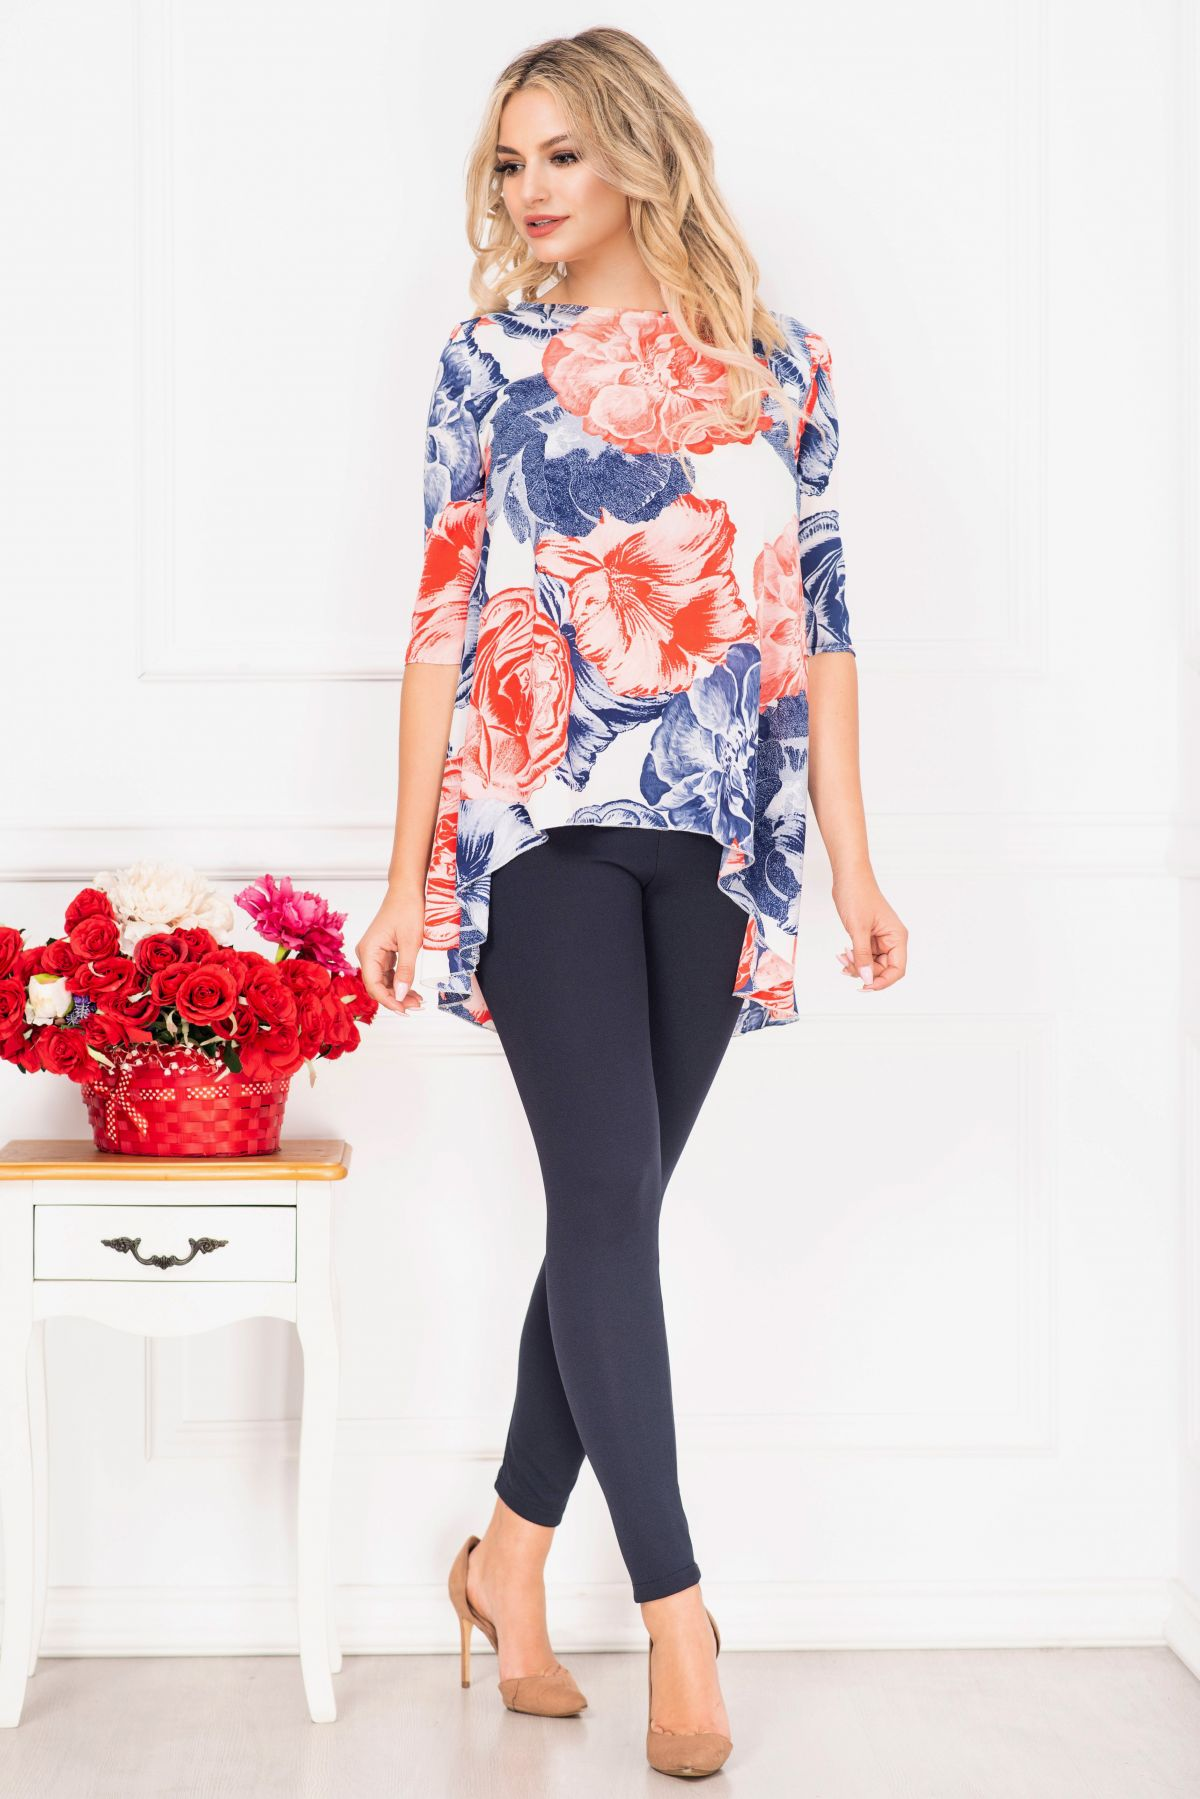 Compleu casual Linda cu imprimeu flori maxi si bluza asimetrica By InPuff